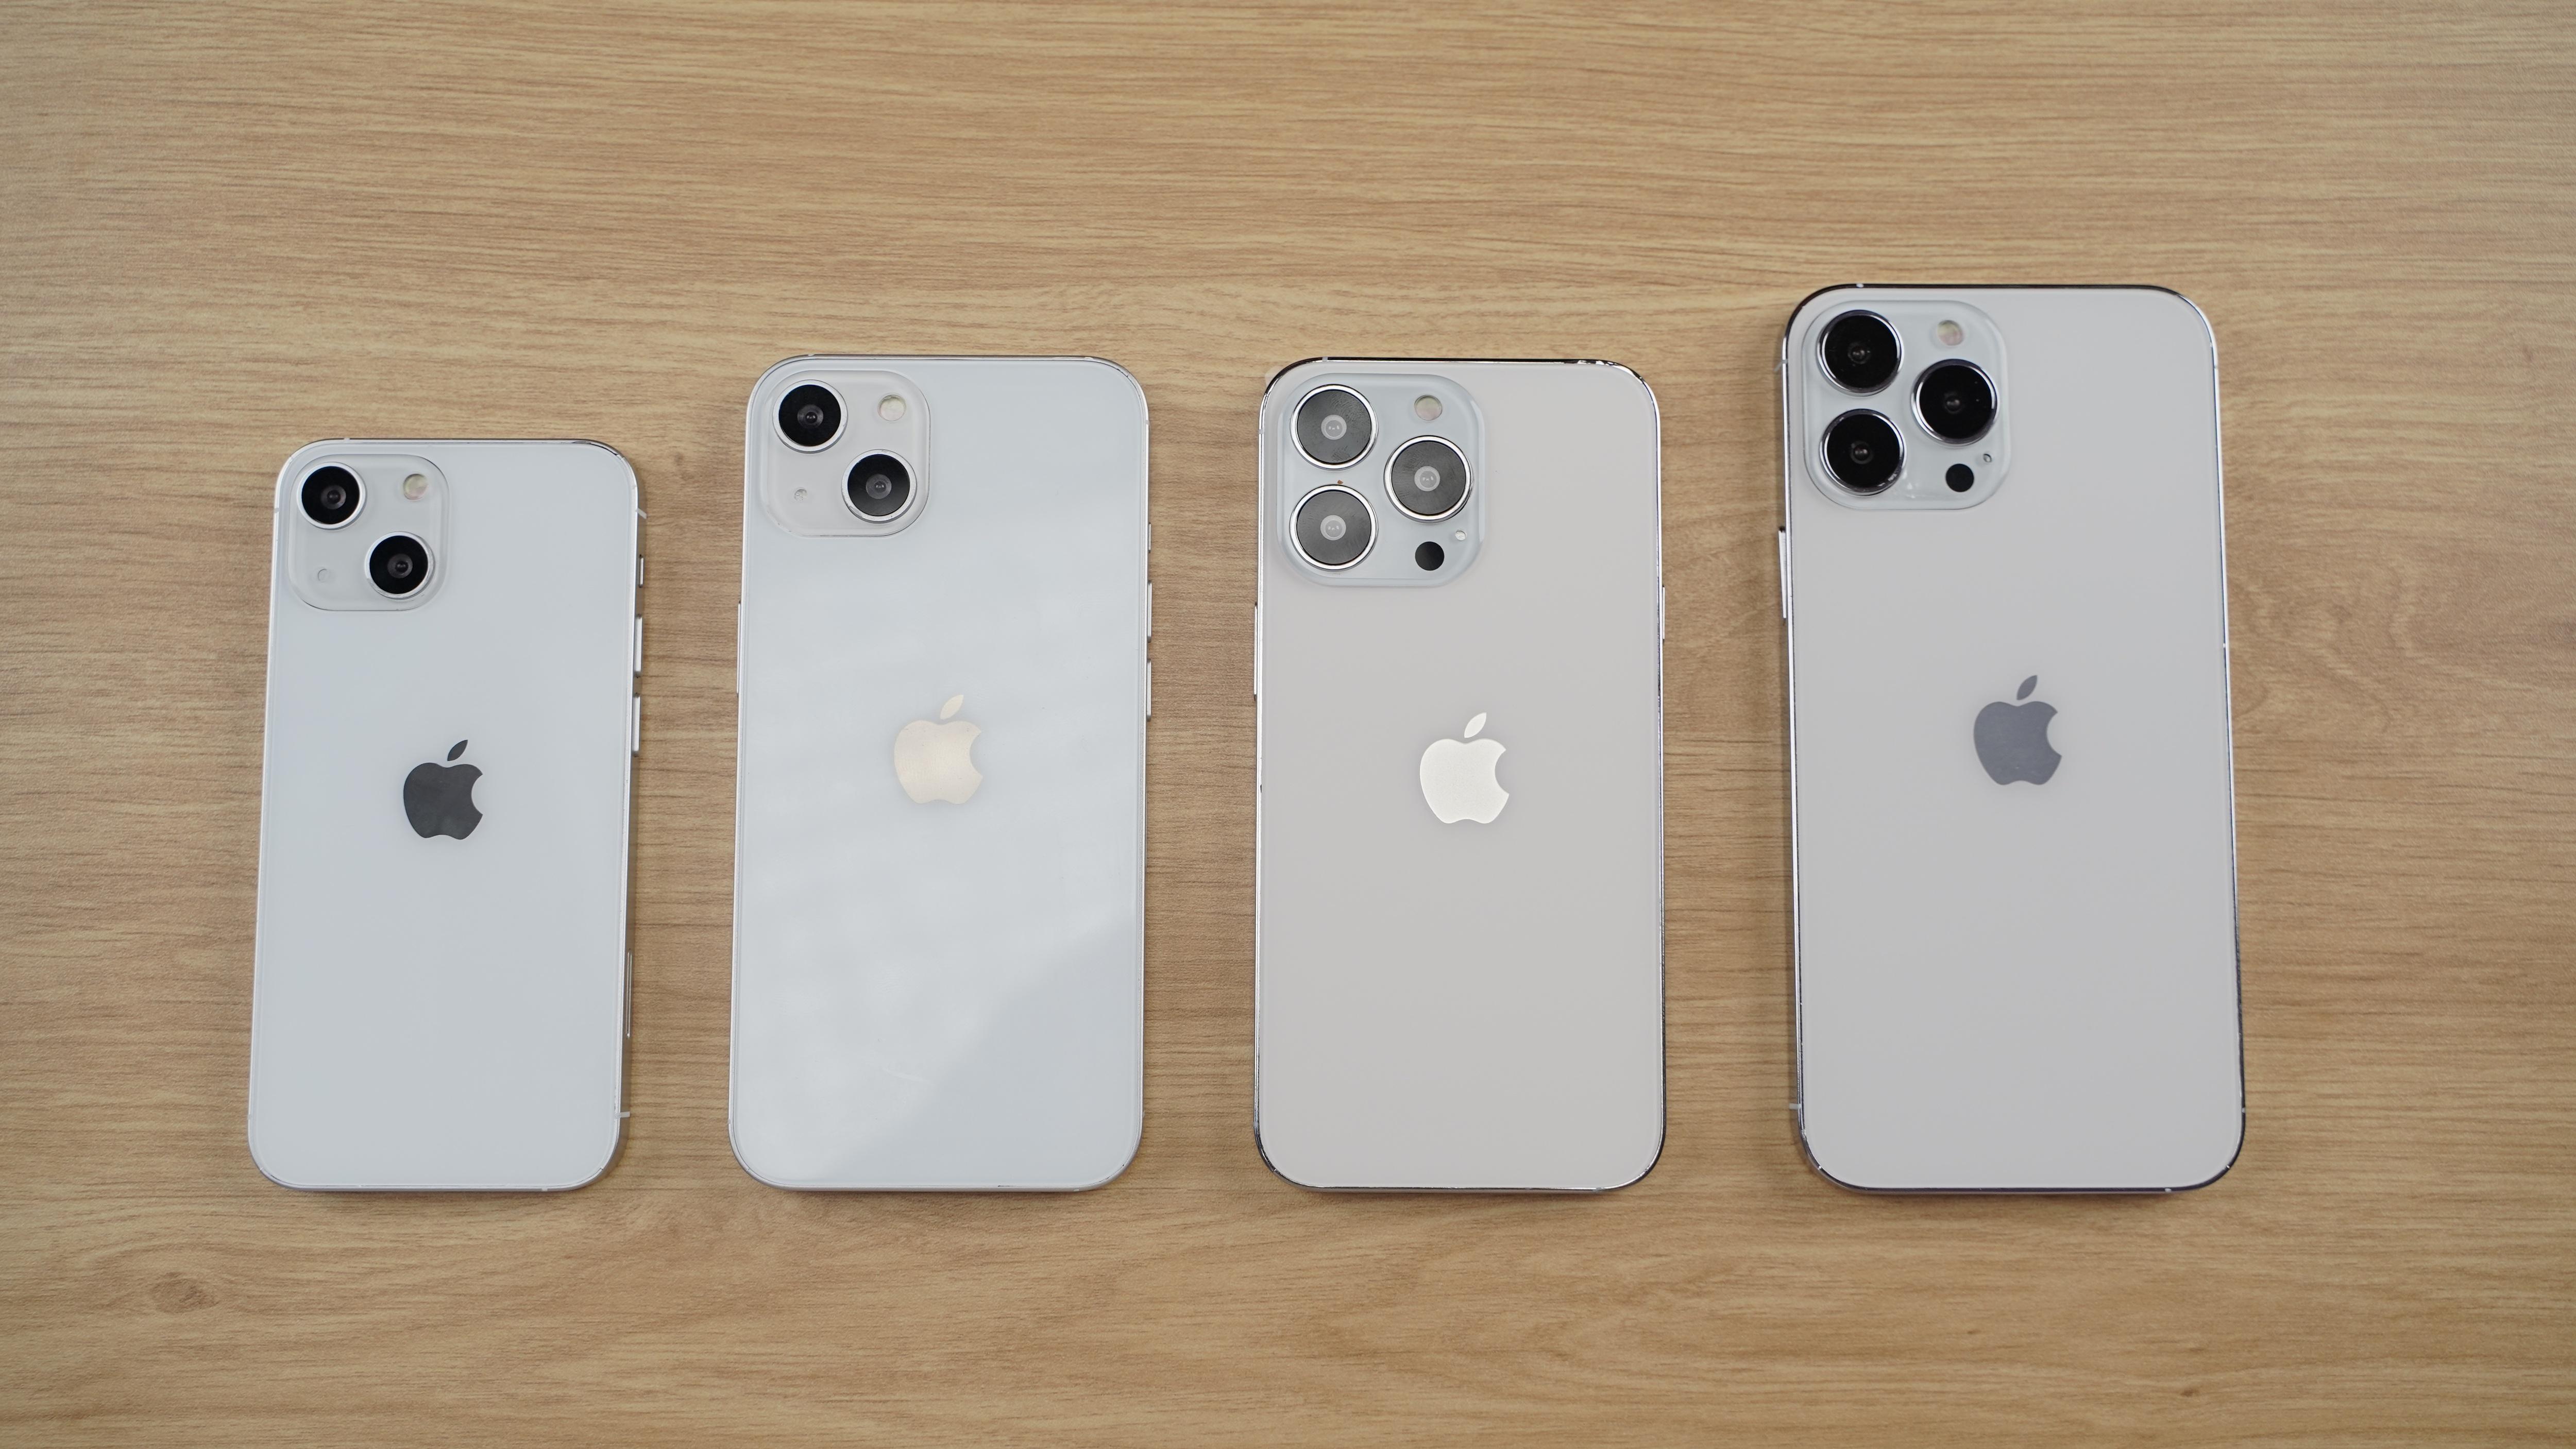 Cận cảnh mô hình 4 chiếc iPhone 13 tại Việt Nam - 1